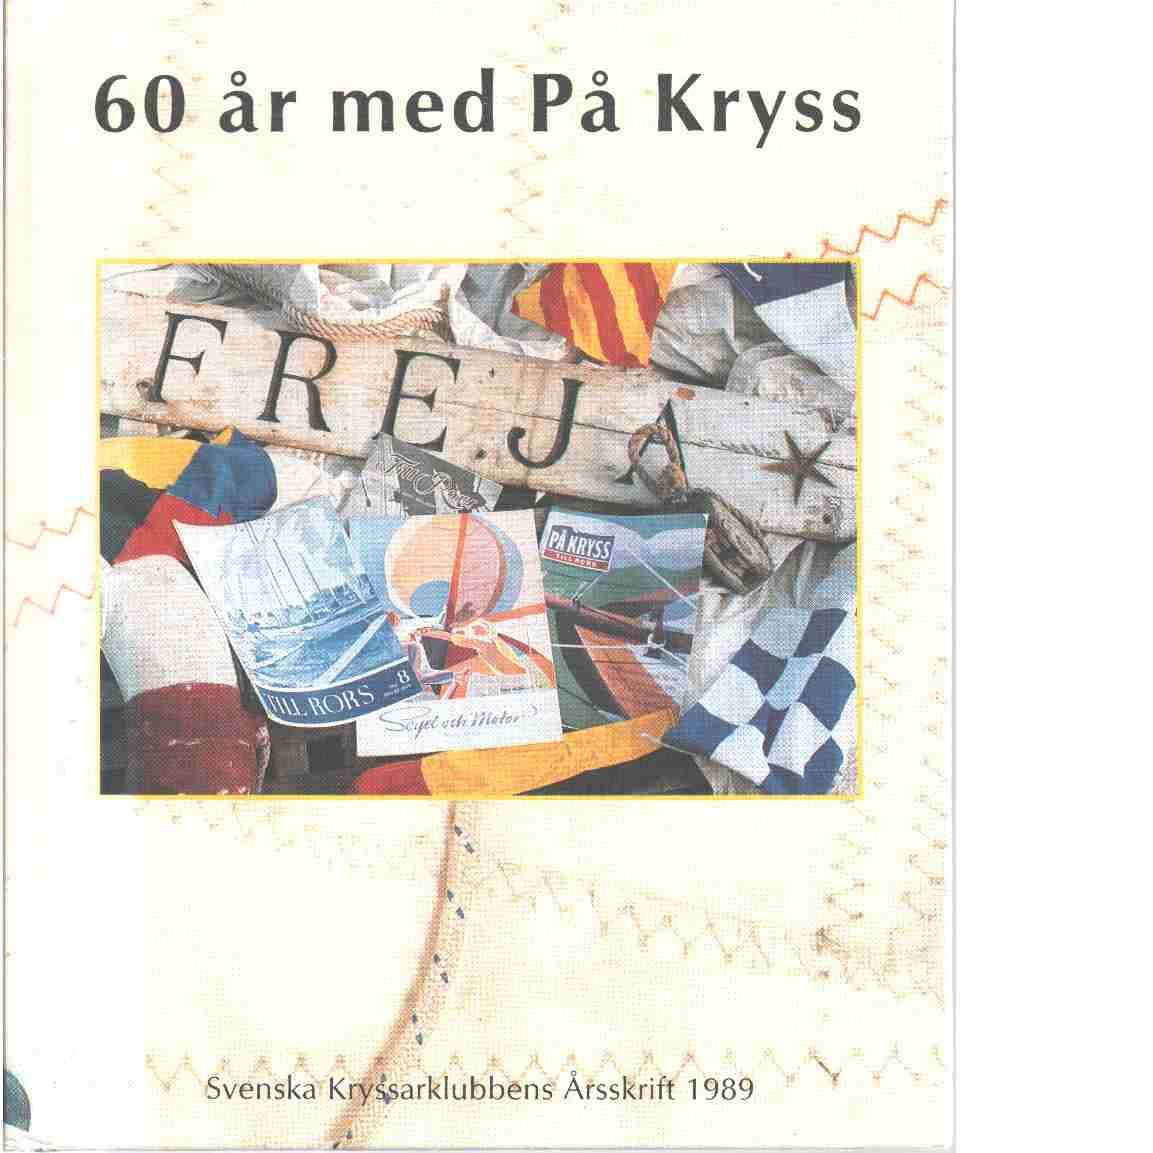 60 år med På kryss - Red. Johansson, Anders N.